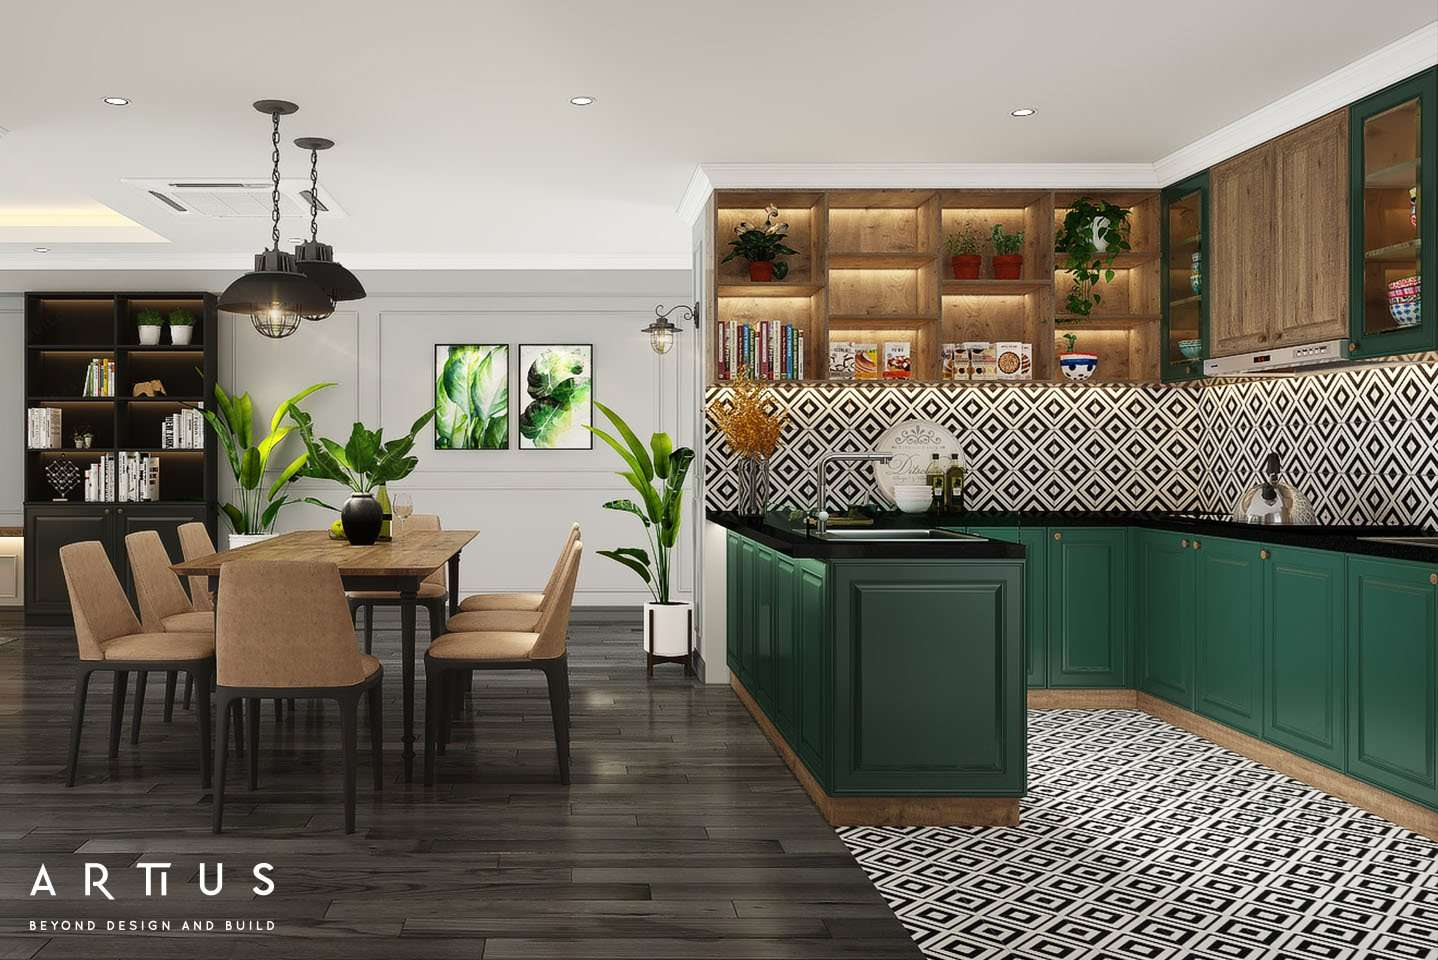 Thiết kế không gian bếp sử dụng vật liệu thẫm mỹ và chất lượng